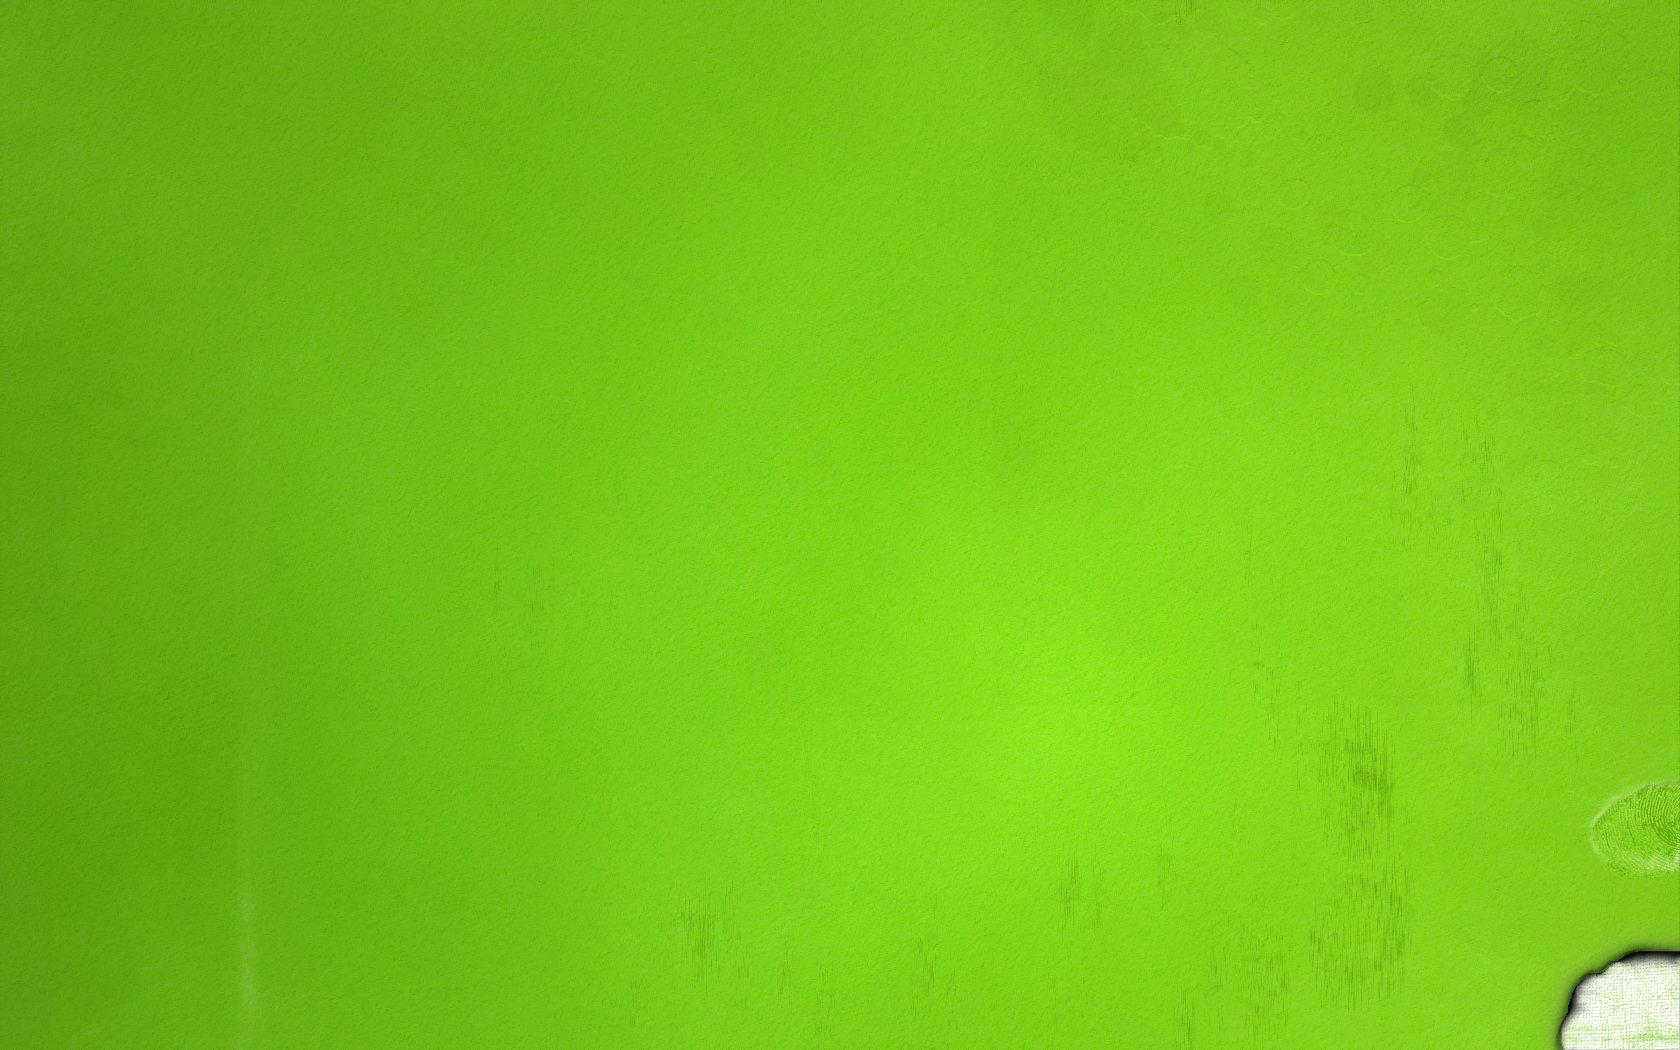 grunge corner green